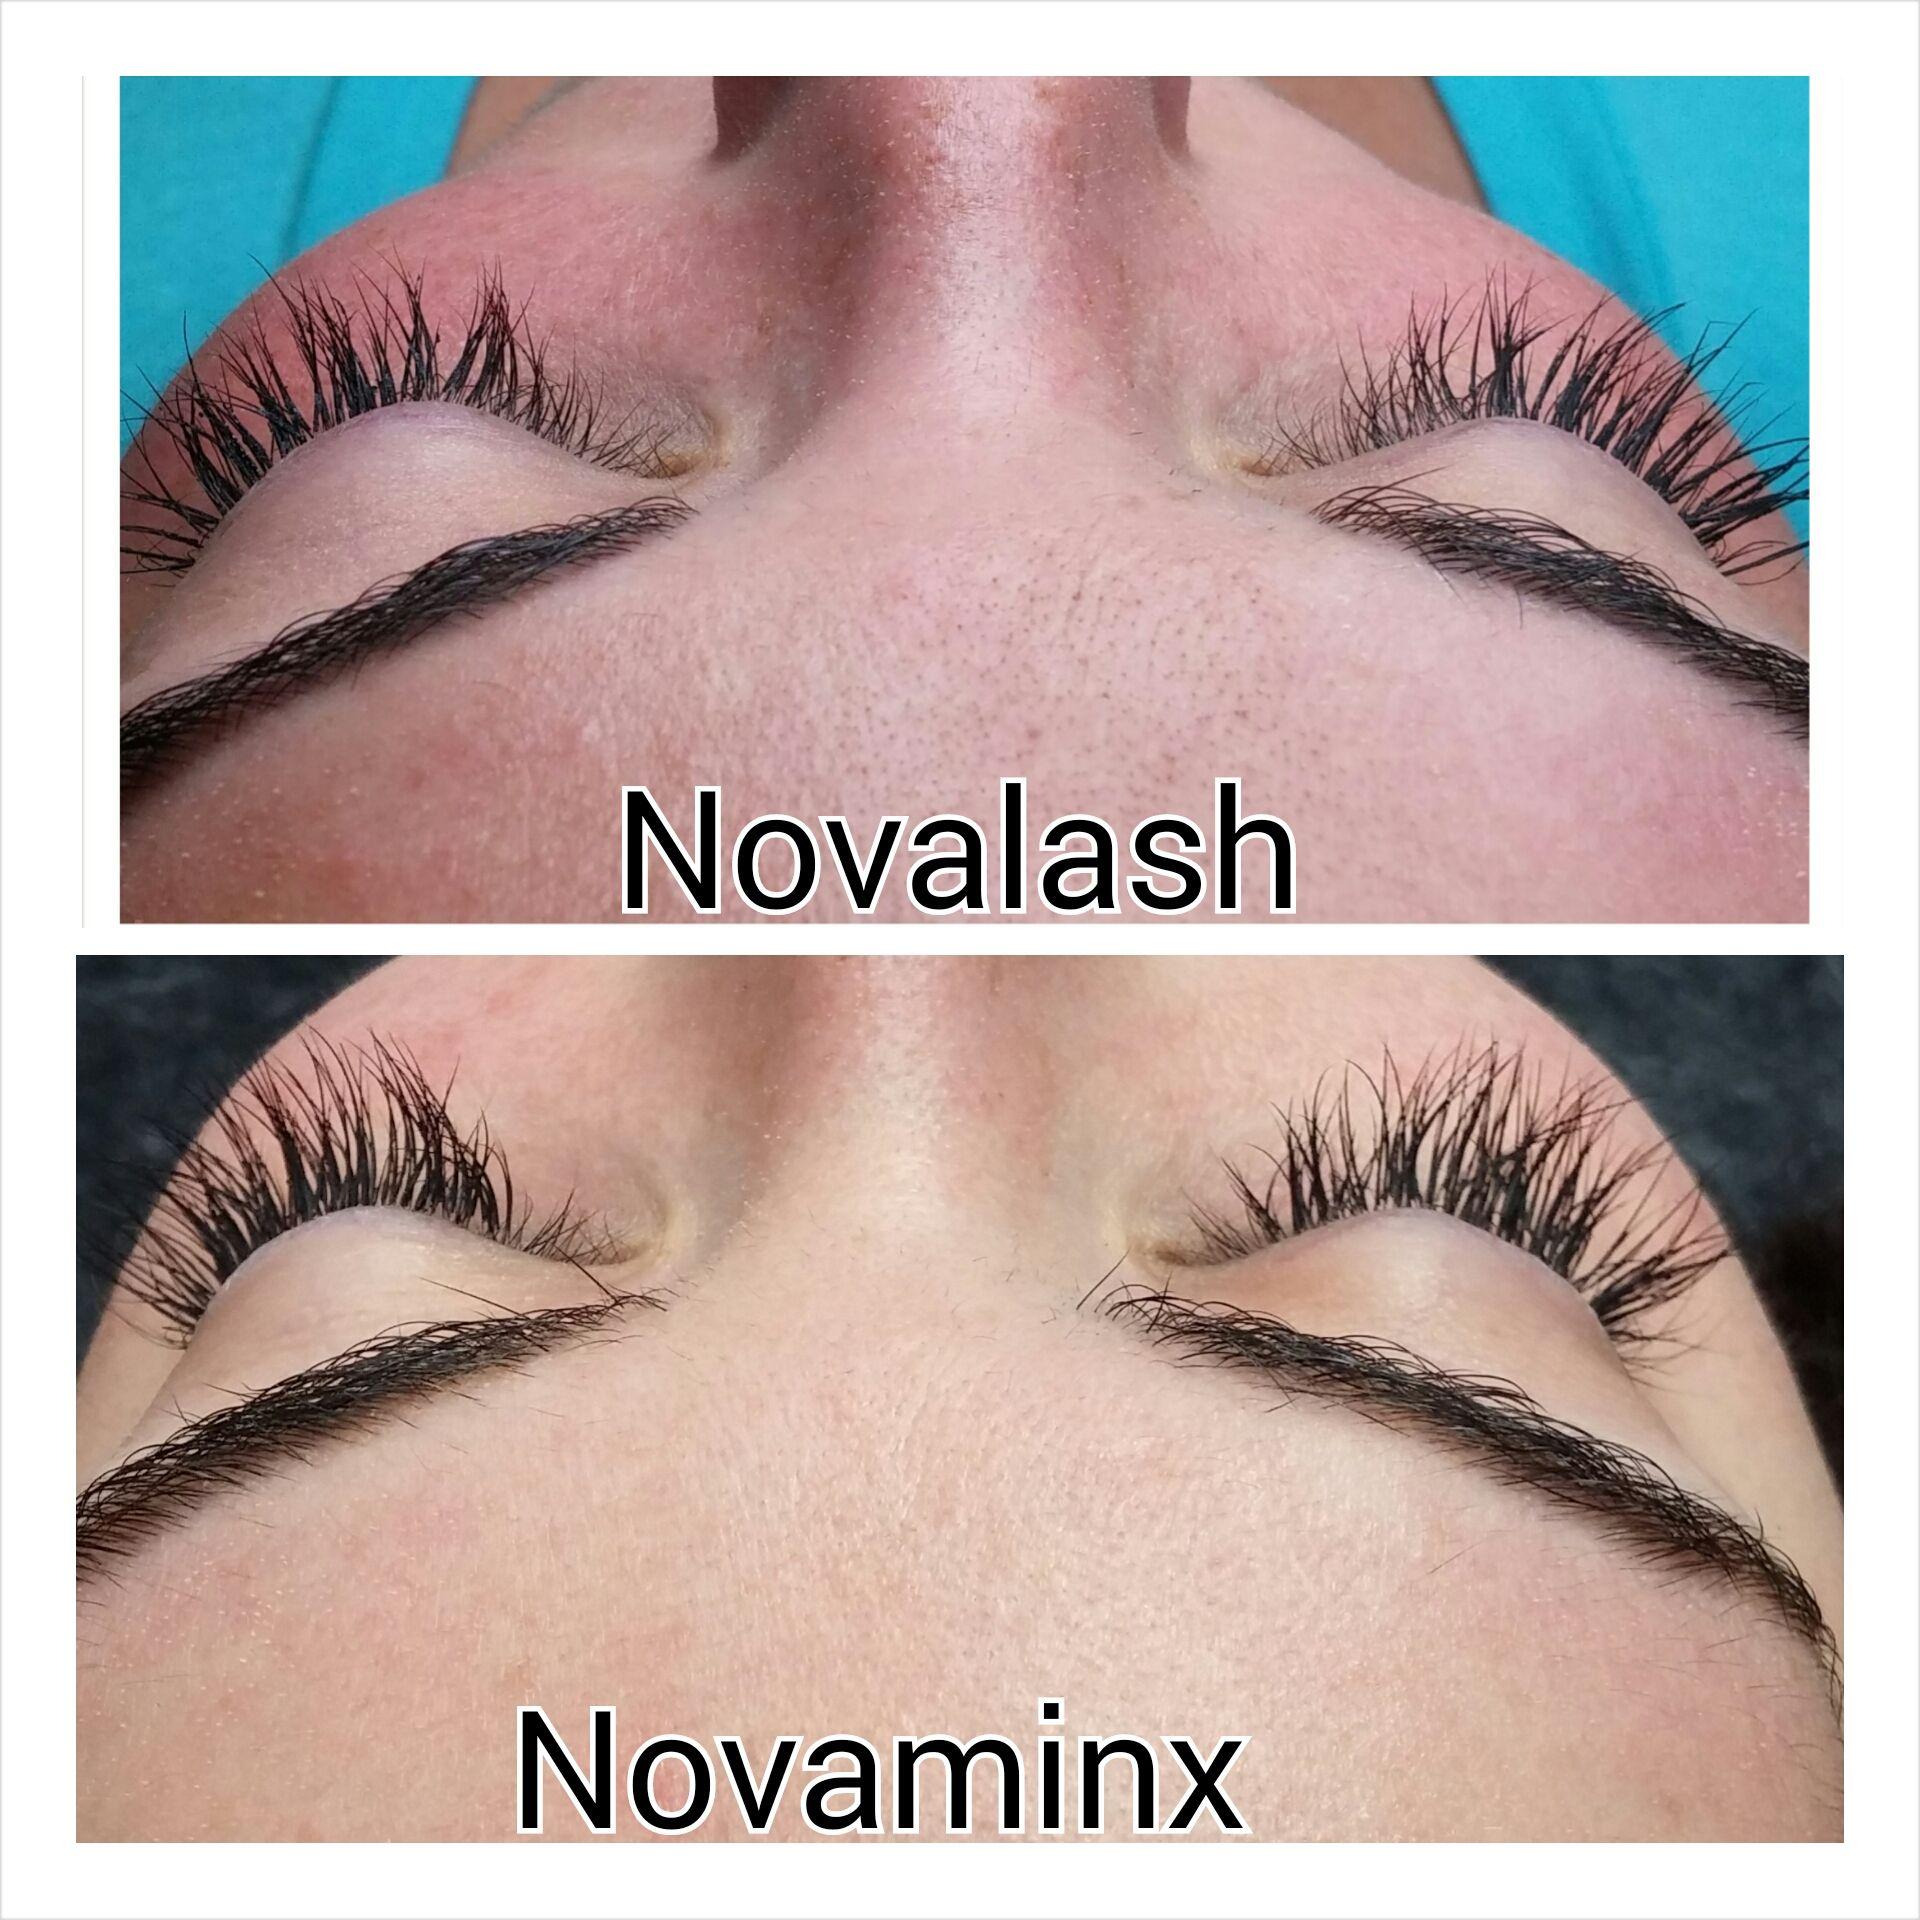 Comparison between #novalash and #novaminx mini set of